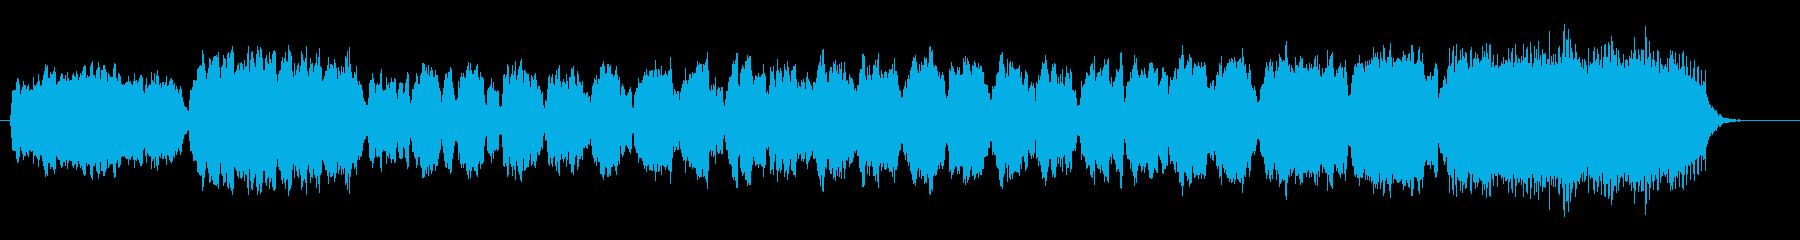 バイオリンビオラチェロのオリジナル三十奏の再生済みの波形